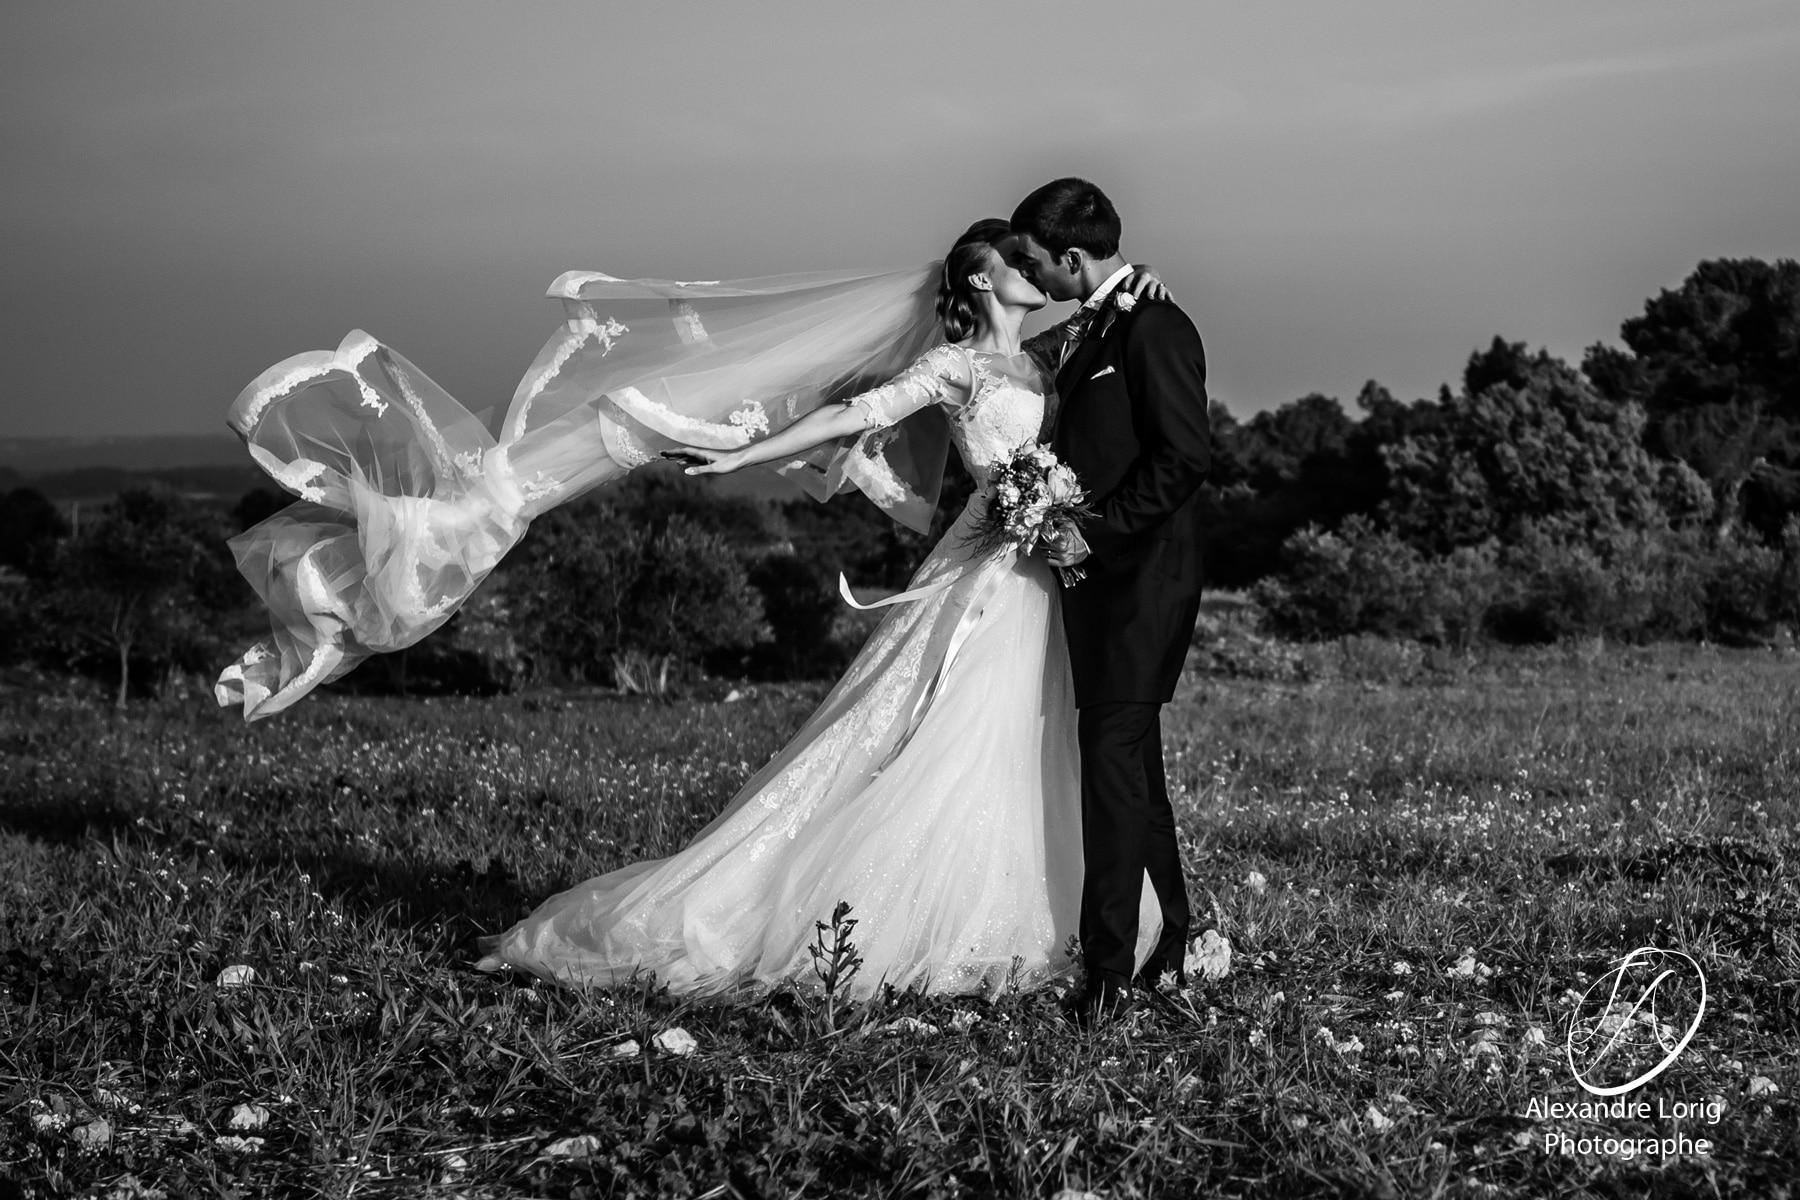 Photographe de mariage a Toulon